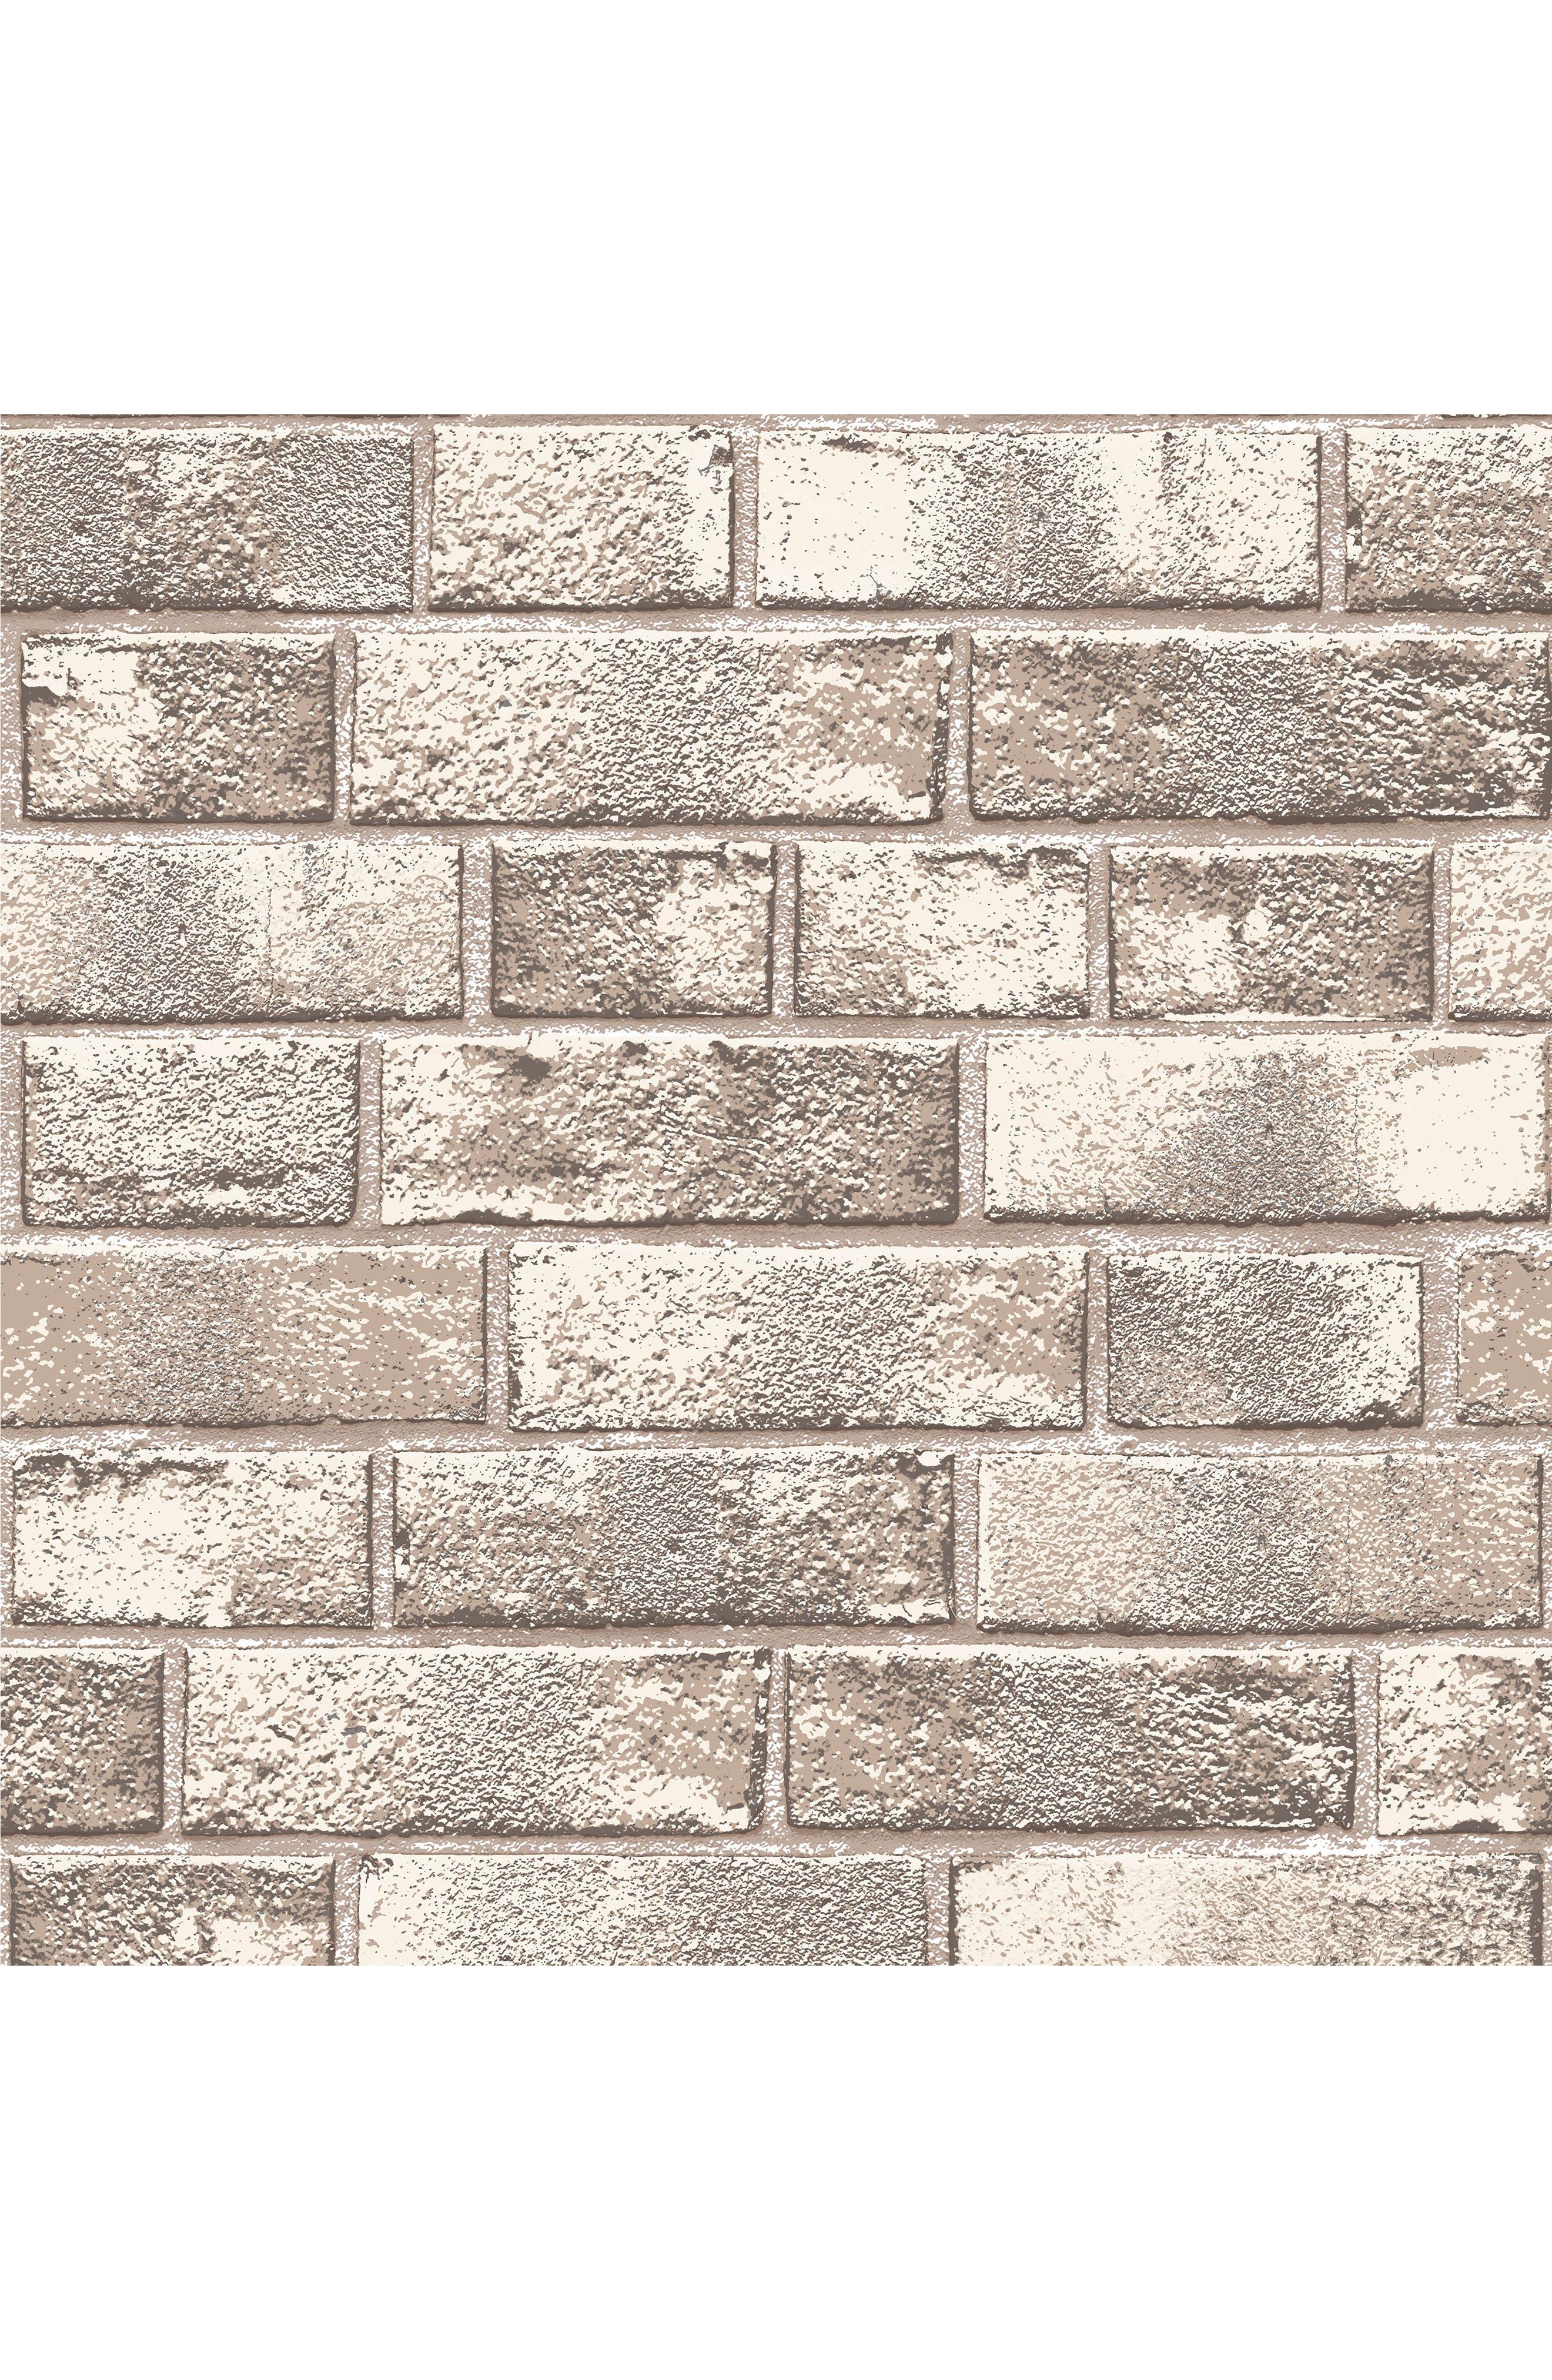 Alternate Image 1 Selected - Tempaper Brick Self-Adhesive Vinyl Wallpaper